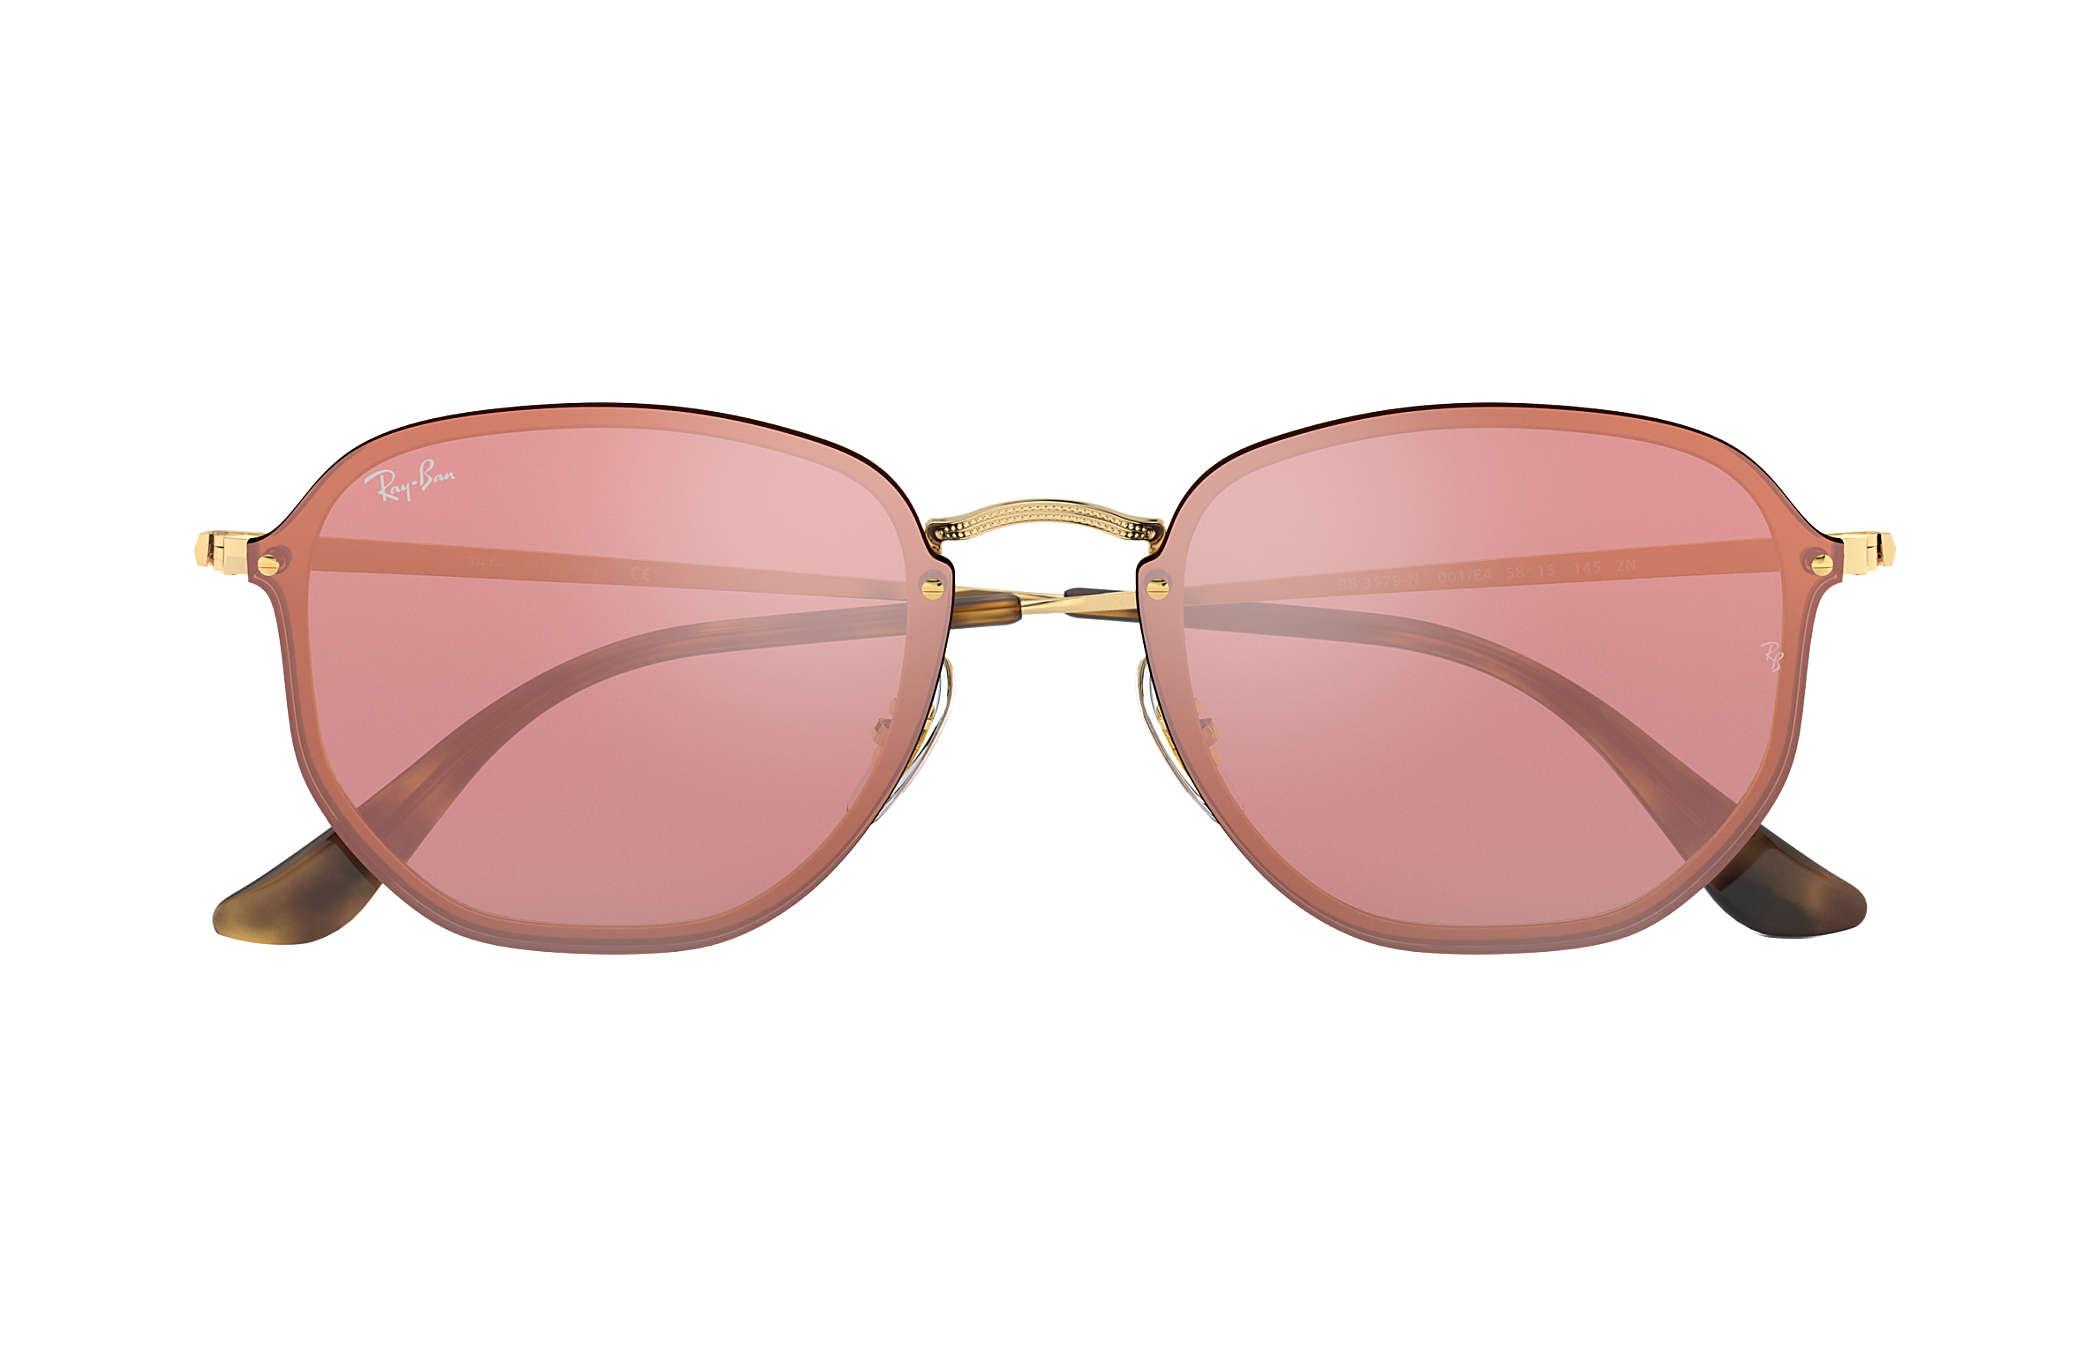 Ray-Ban Blaze Hexagonal RB3579N Gold - Metal - Pink Lenses ... b6ccb4fa15